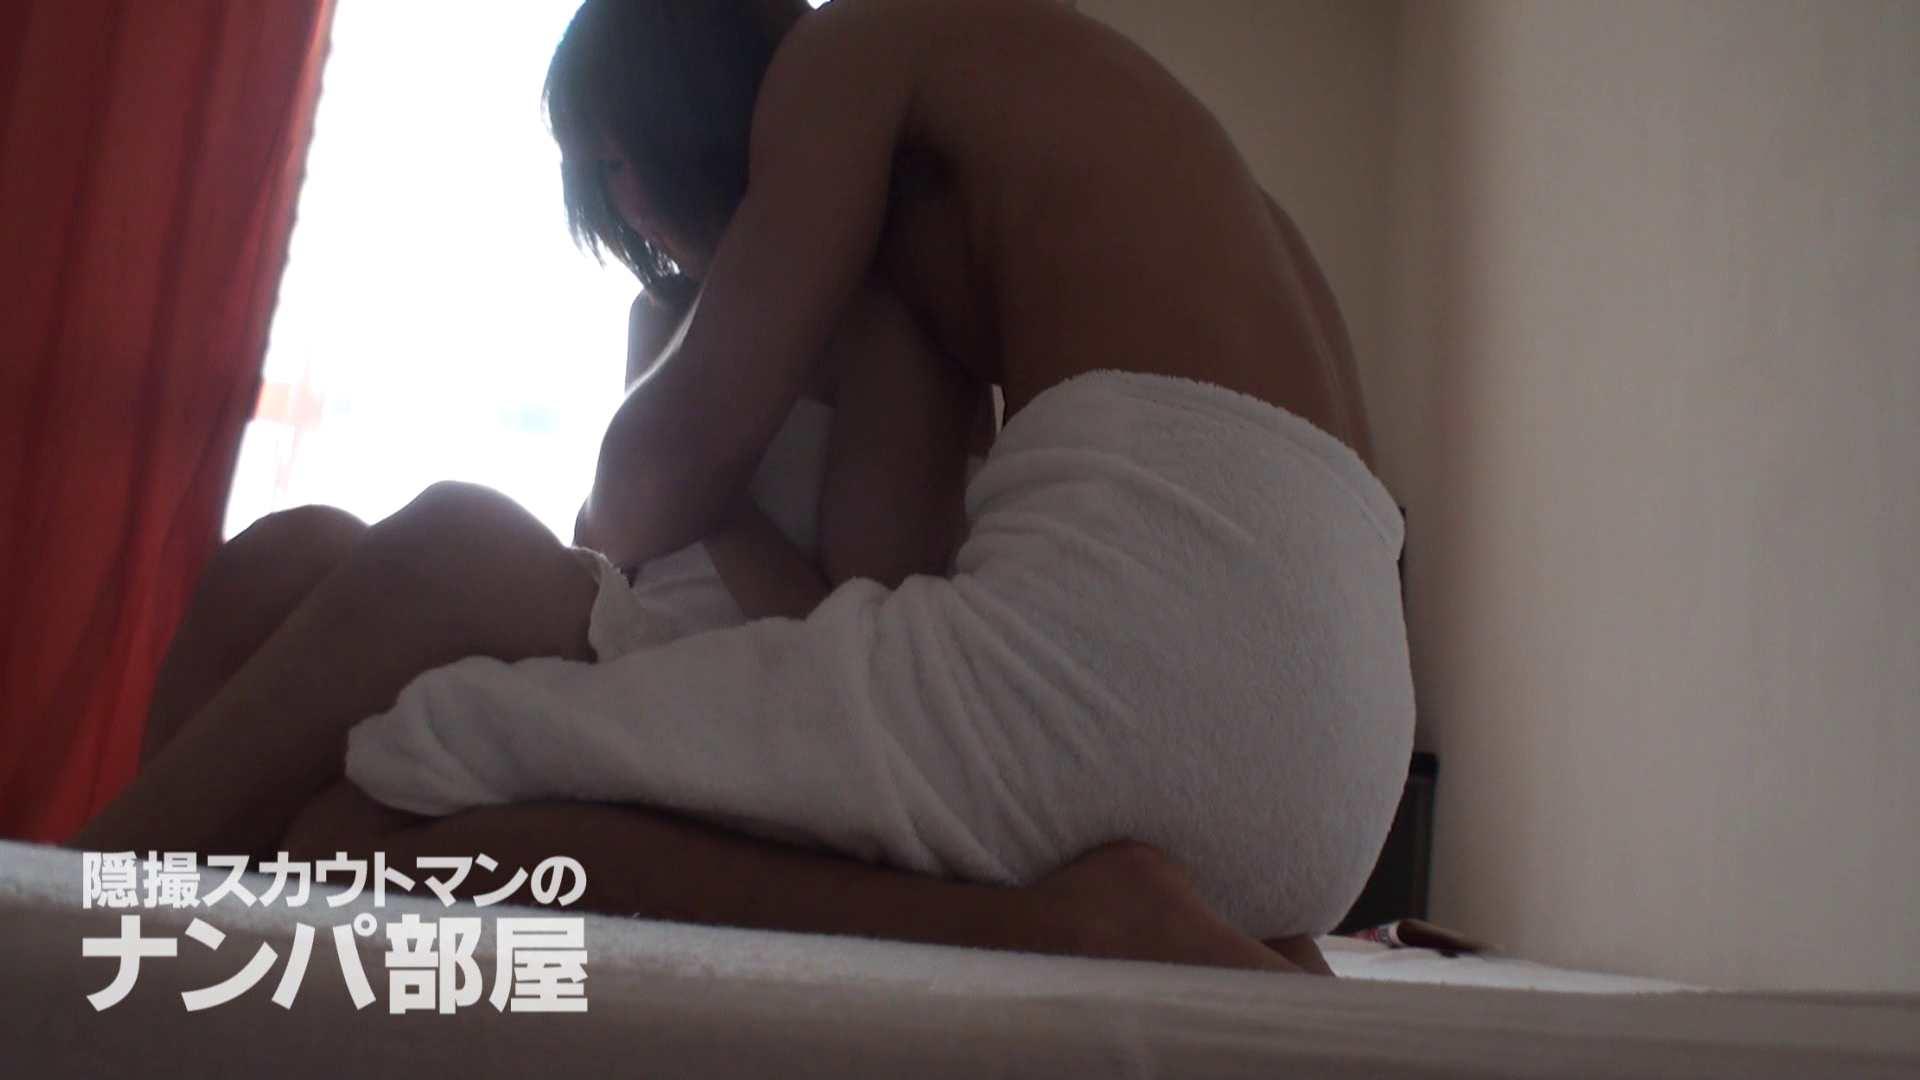 隠撮スカウトマンのナンパ部屋~風俗デビュー前のつまみ食い~ sii 隠撮 | ナンパ  68連発 40